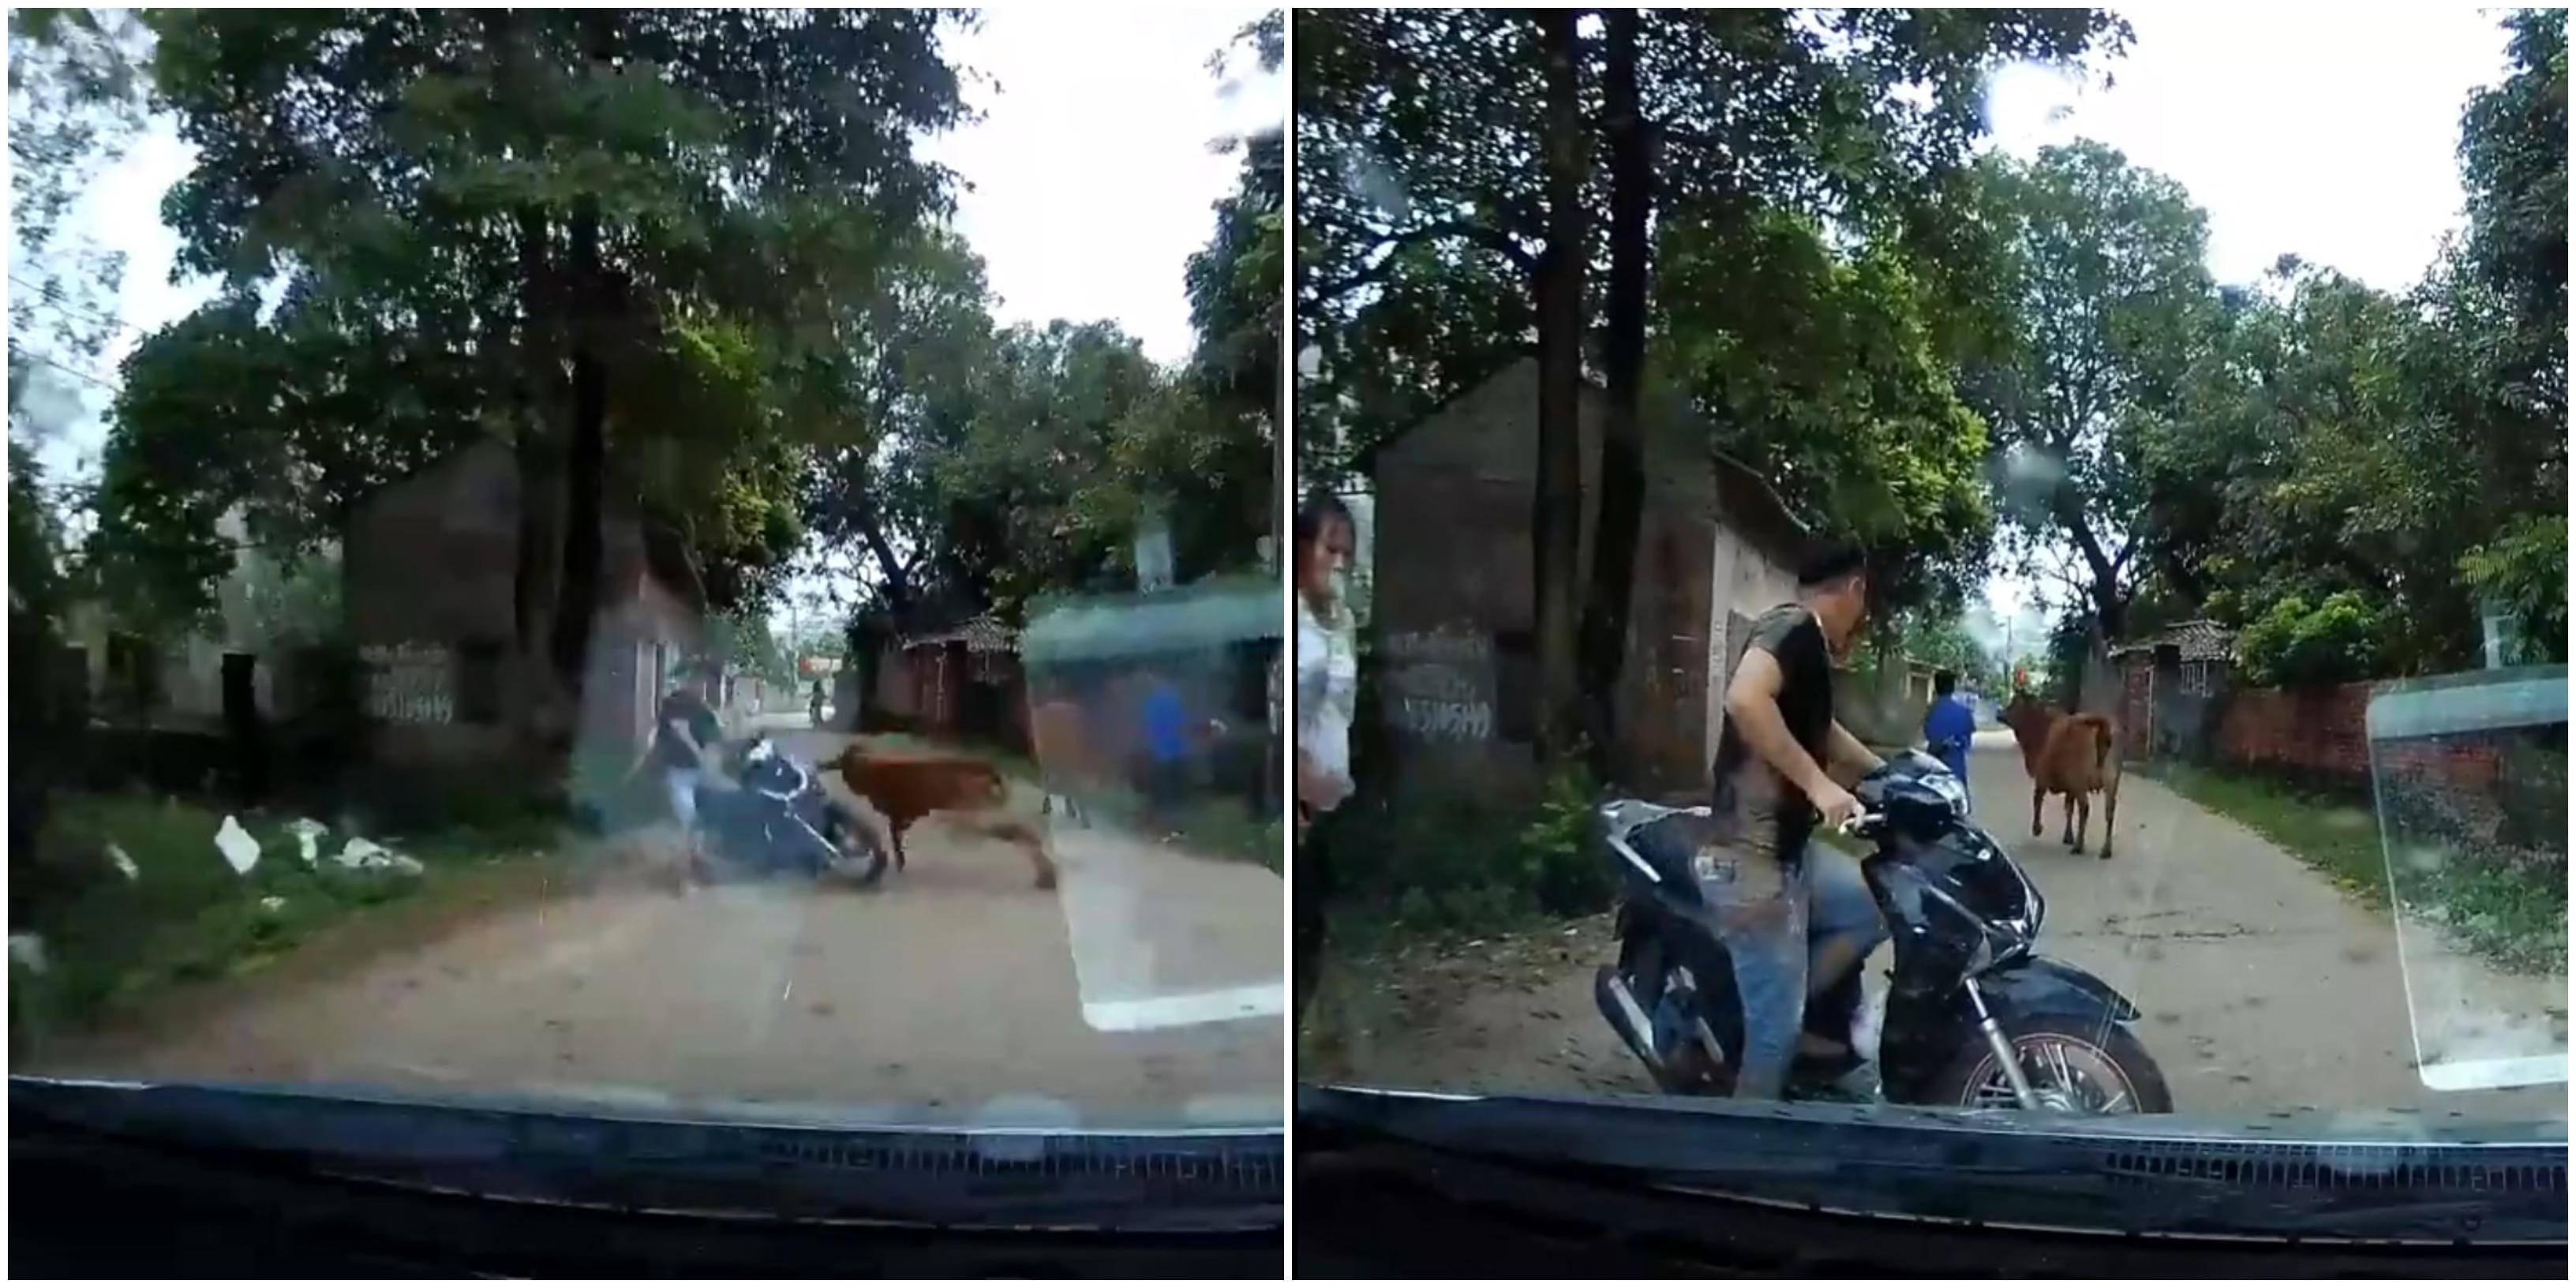 Casal de moto é arremessado por uma vaca no Vietnã